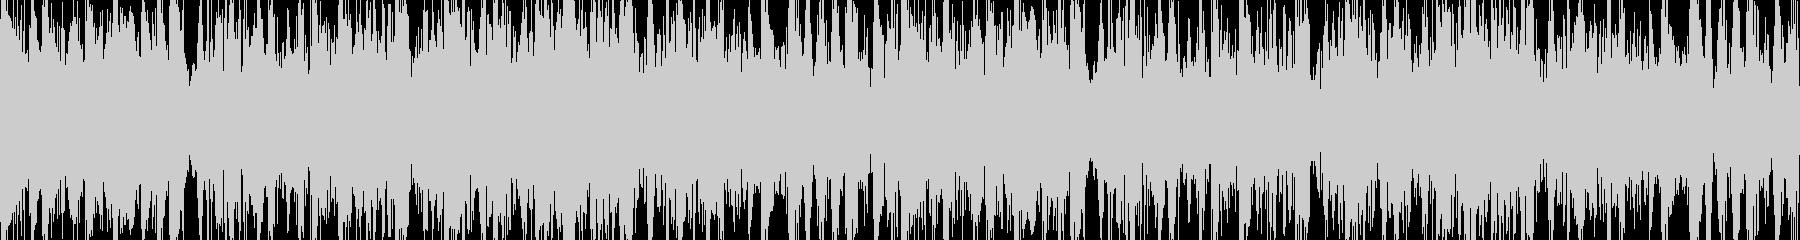 打楽器メインのヘヴィーLOOP BGMの未再生の波形